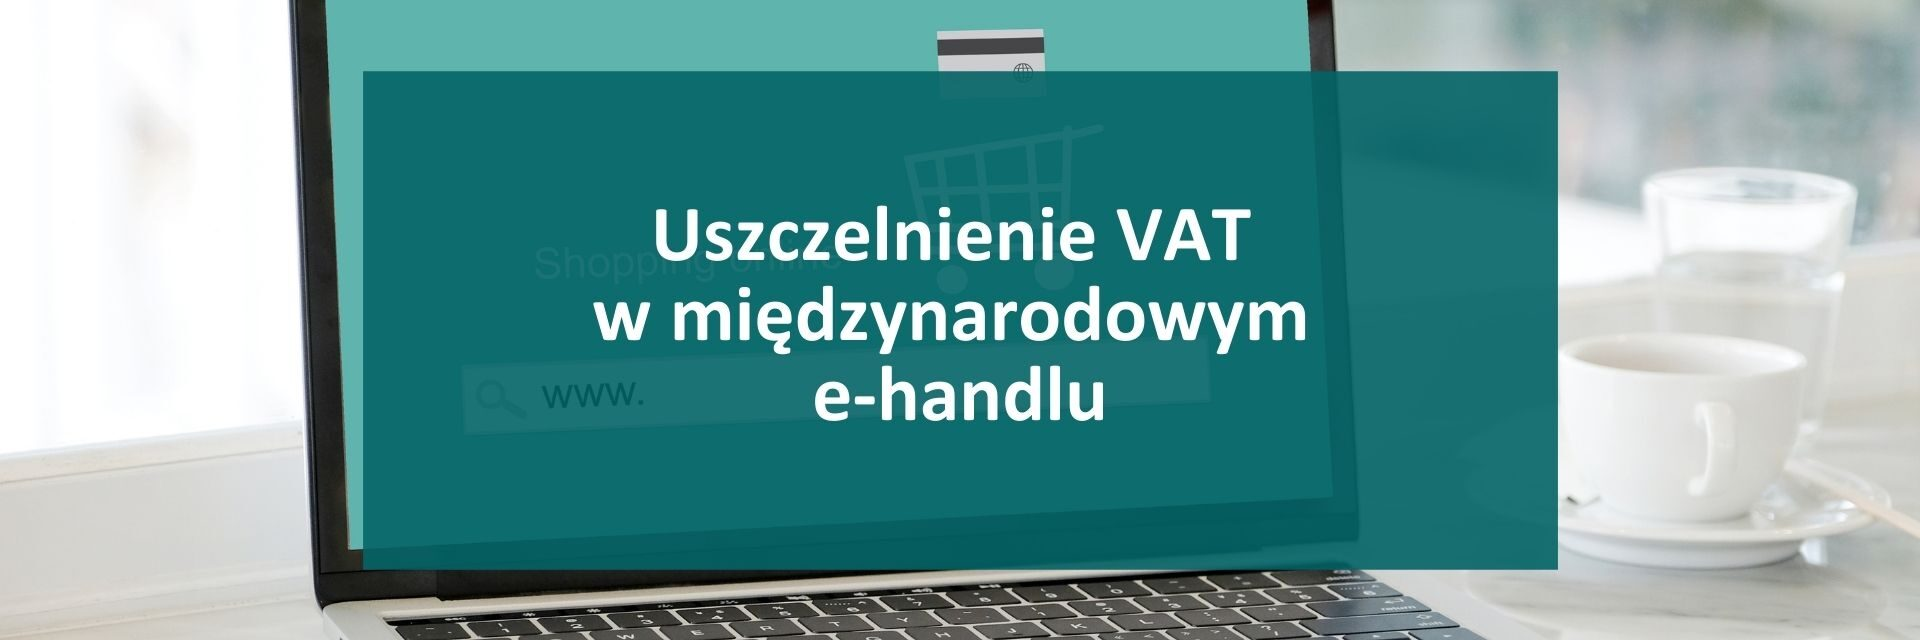 Uszczelnienie VAT